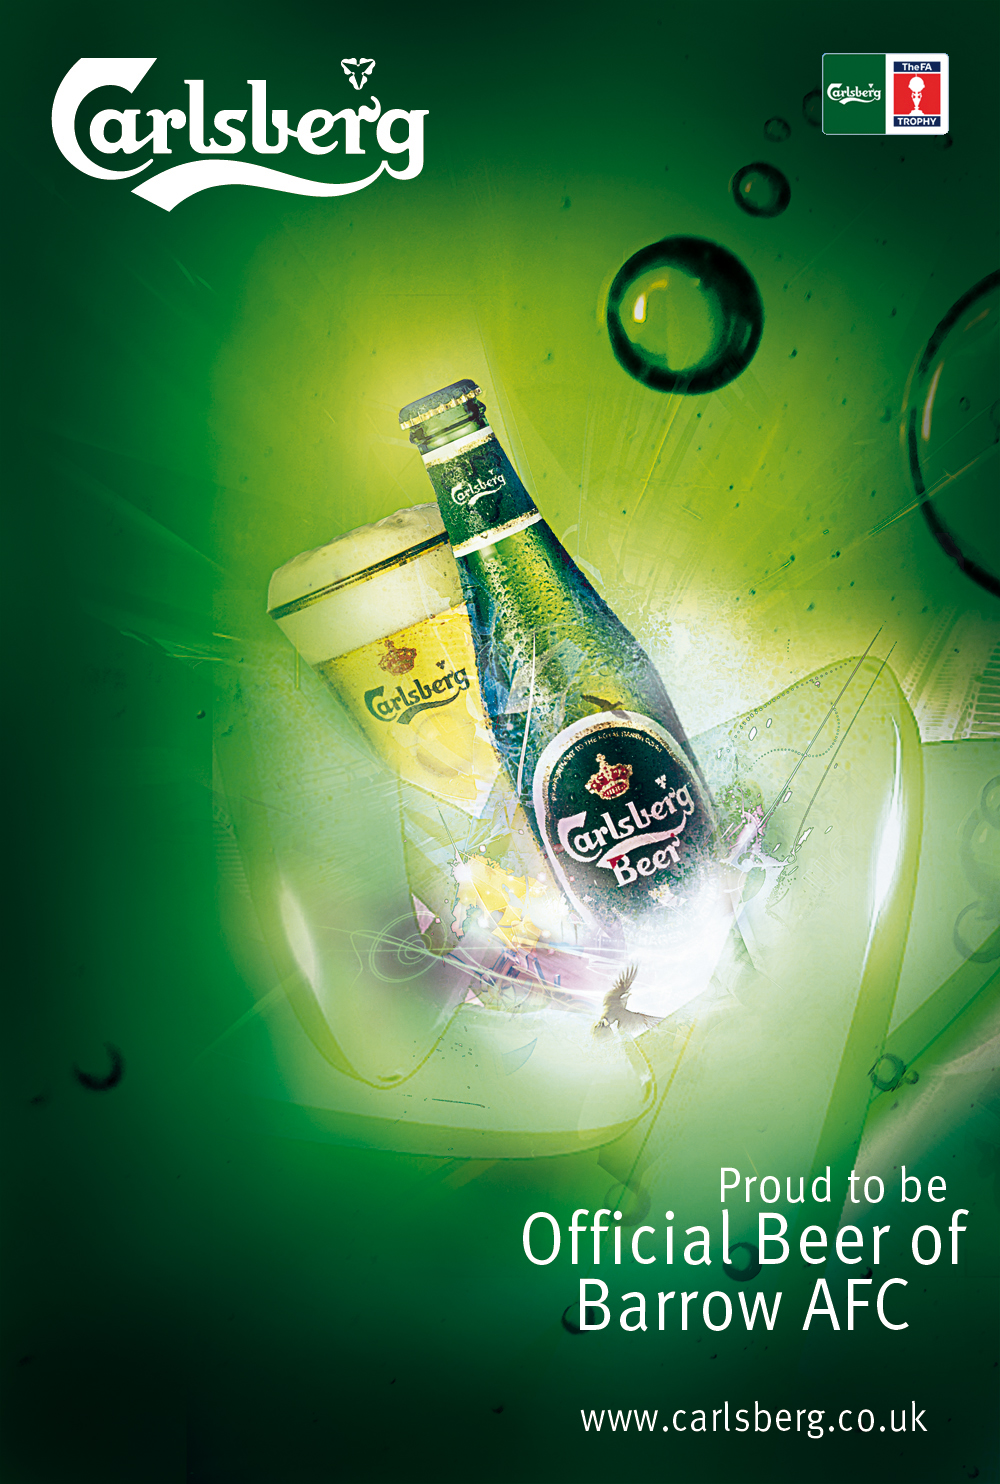 Carlsberg Advert by GrantJohno on DeviantArt: grantjohno.deviantart.com/art/Carlsberg-Advert-58981766